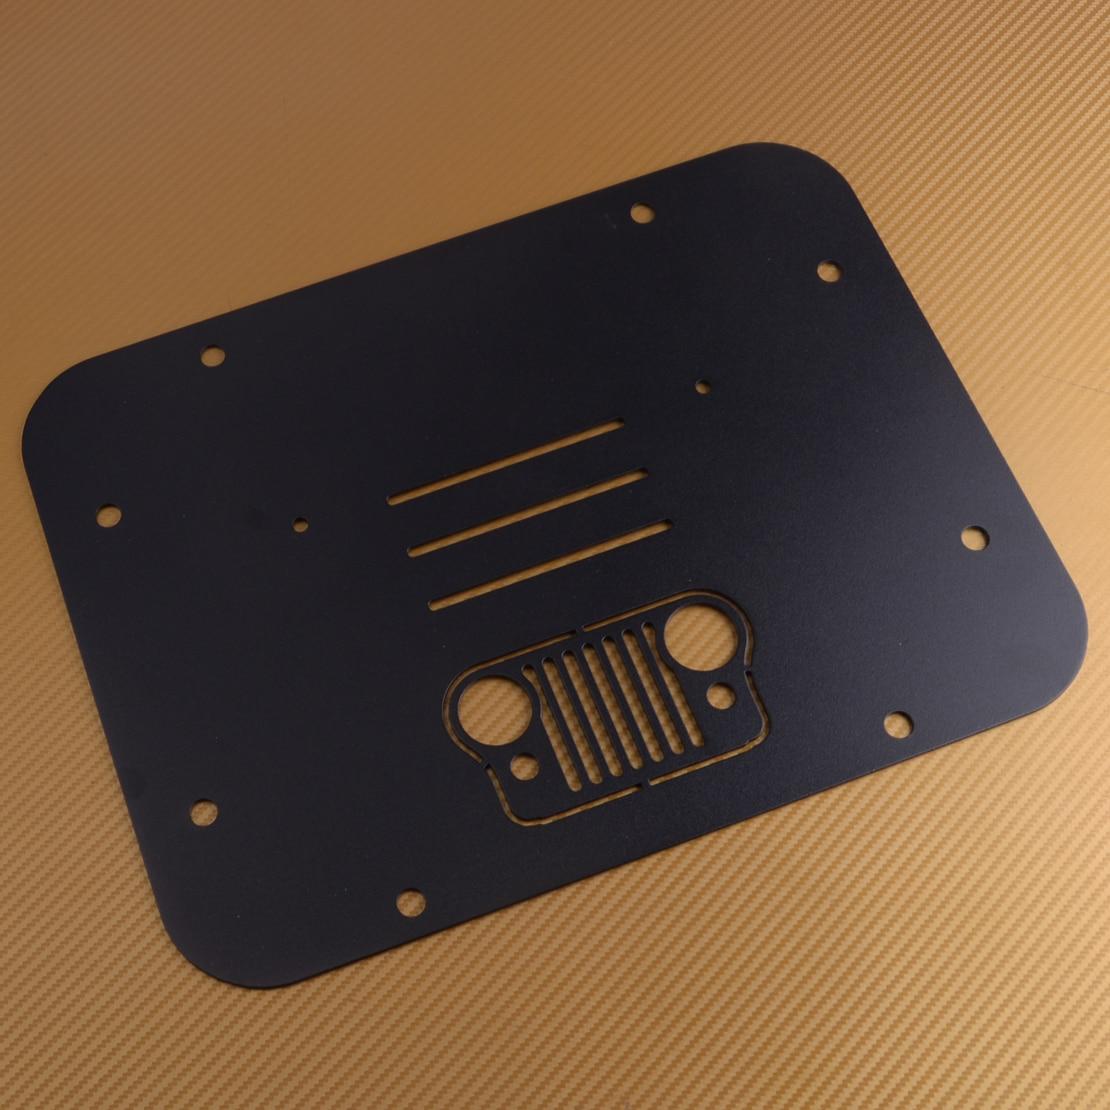 DWCX 1 Pc support de pneu de rechange noir supprimer plaque de remplissage timbre de Tramp adapté pour Jeep Wrangler JK JKU 2007-2018